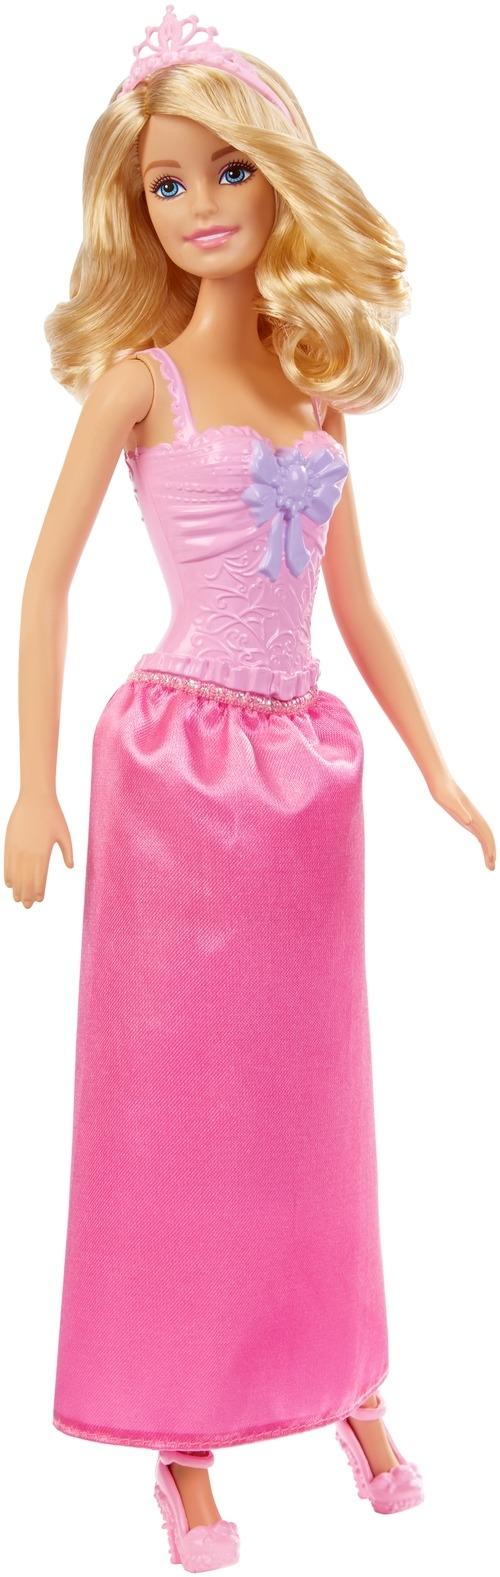 Barbie Barbie Принцесса barbie принцесса и поп звезда